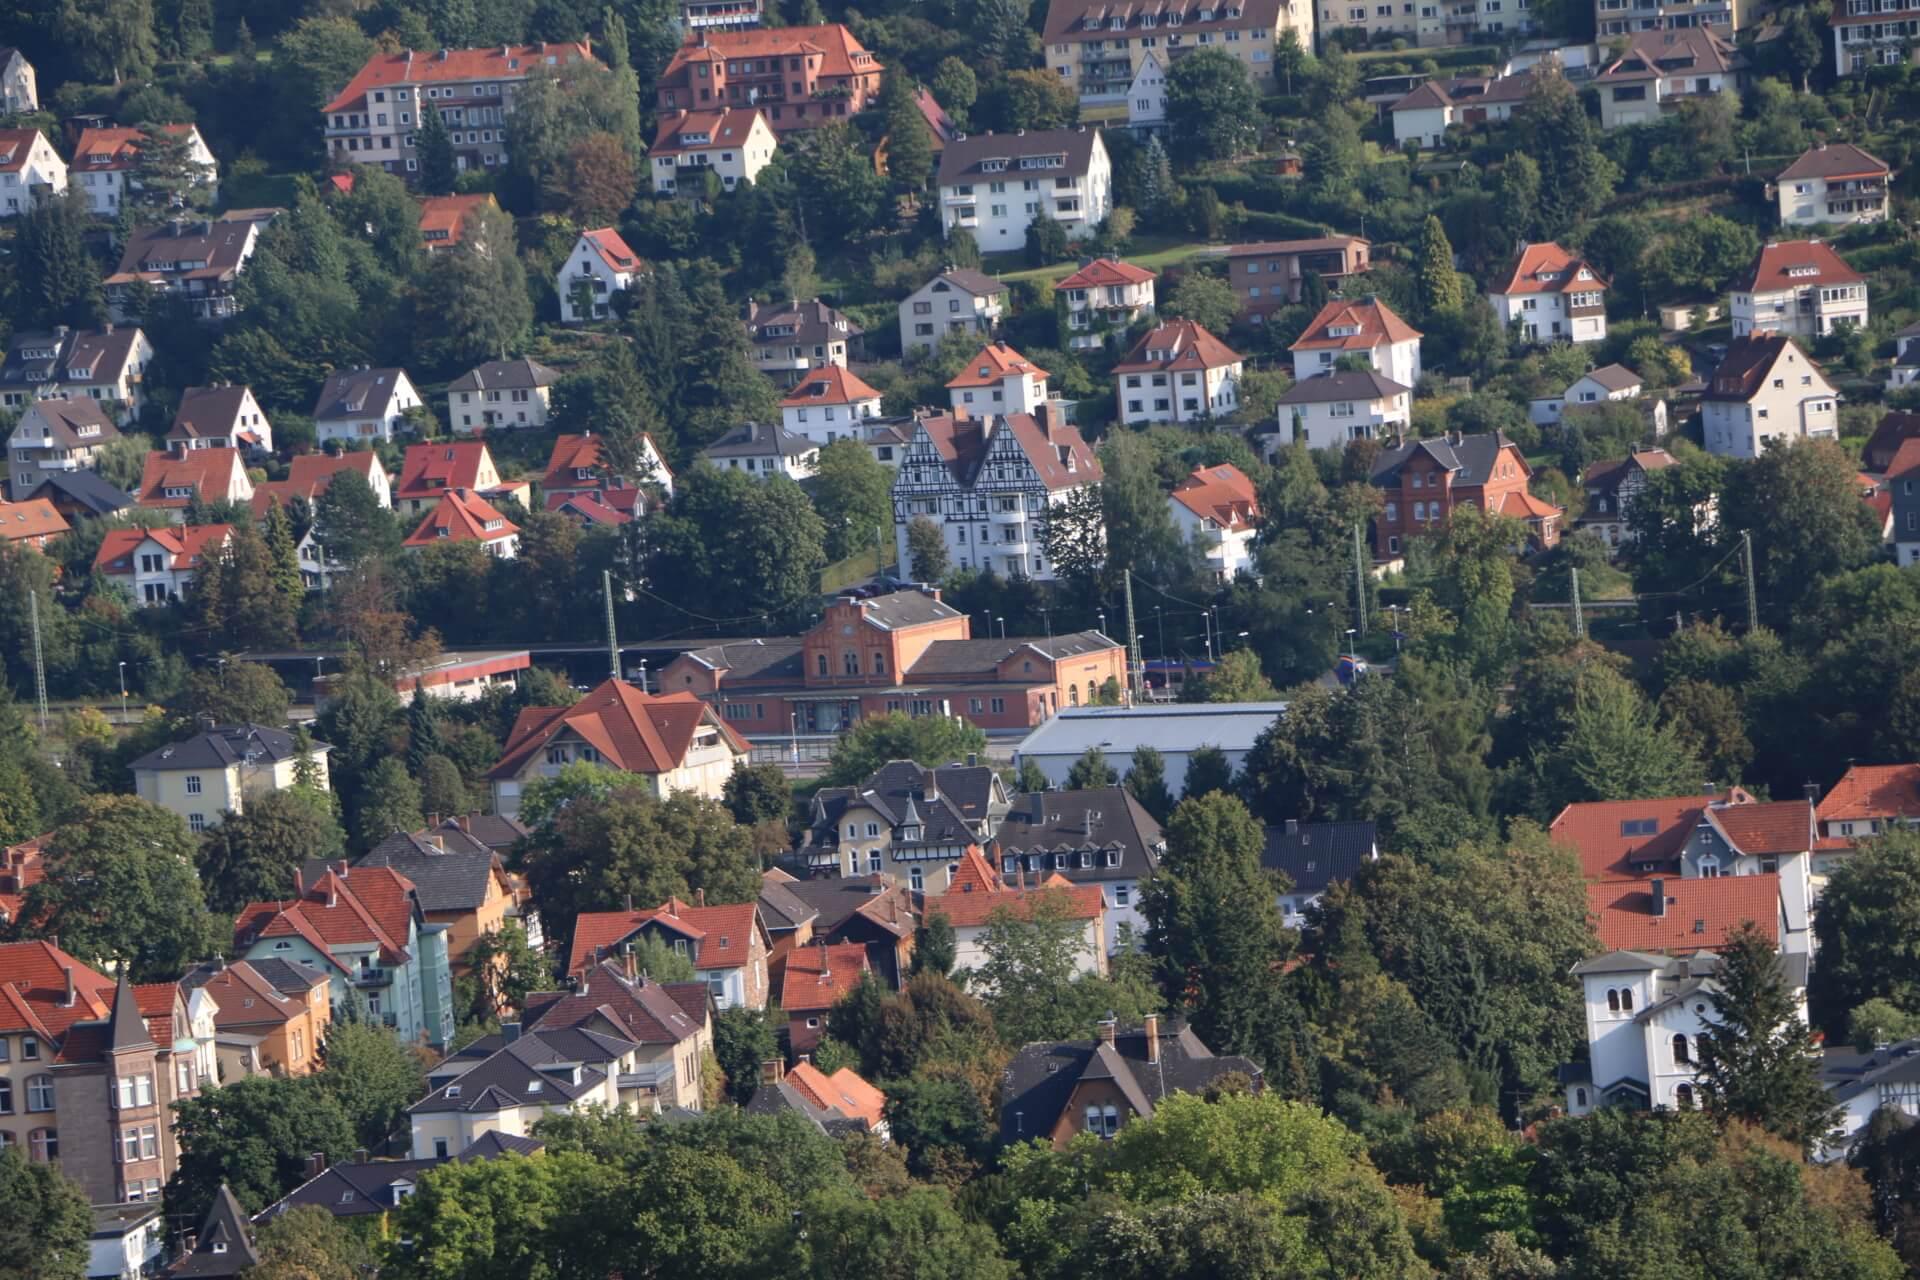 View from Tillyschanze, Hann. Münden